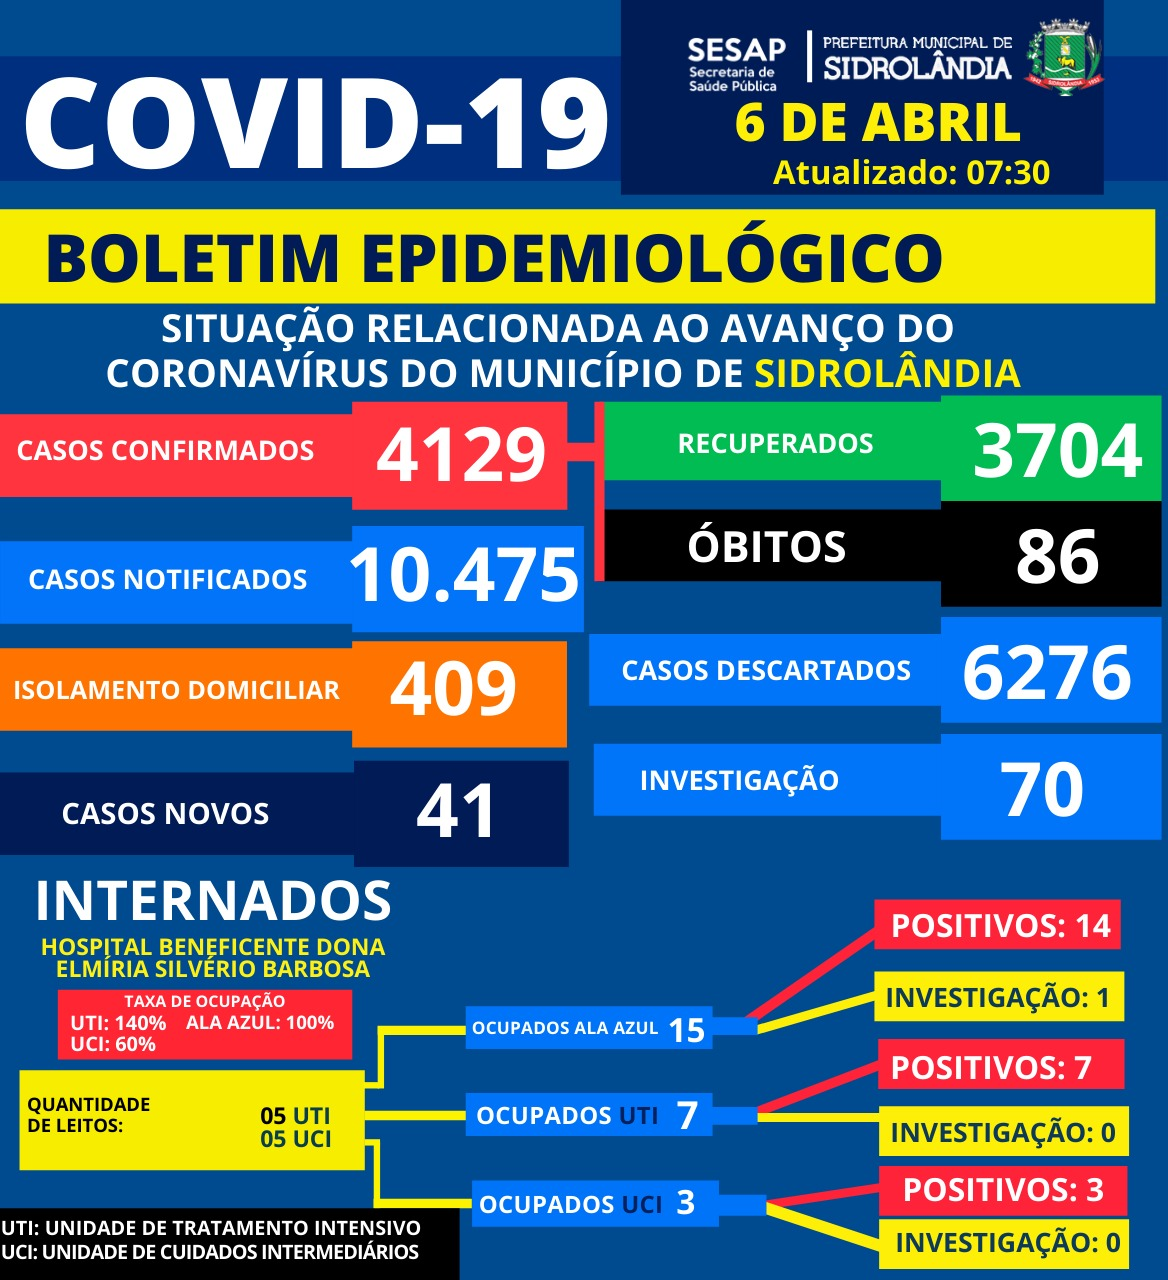 Sidrolândia registra 41 novos casos e a 10ª morte pela Covid no mês de abril